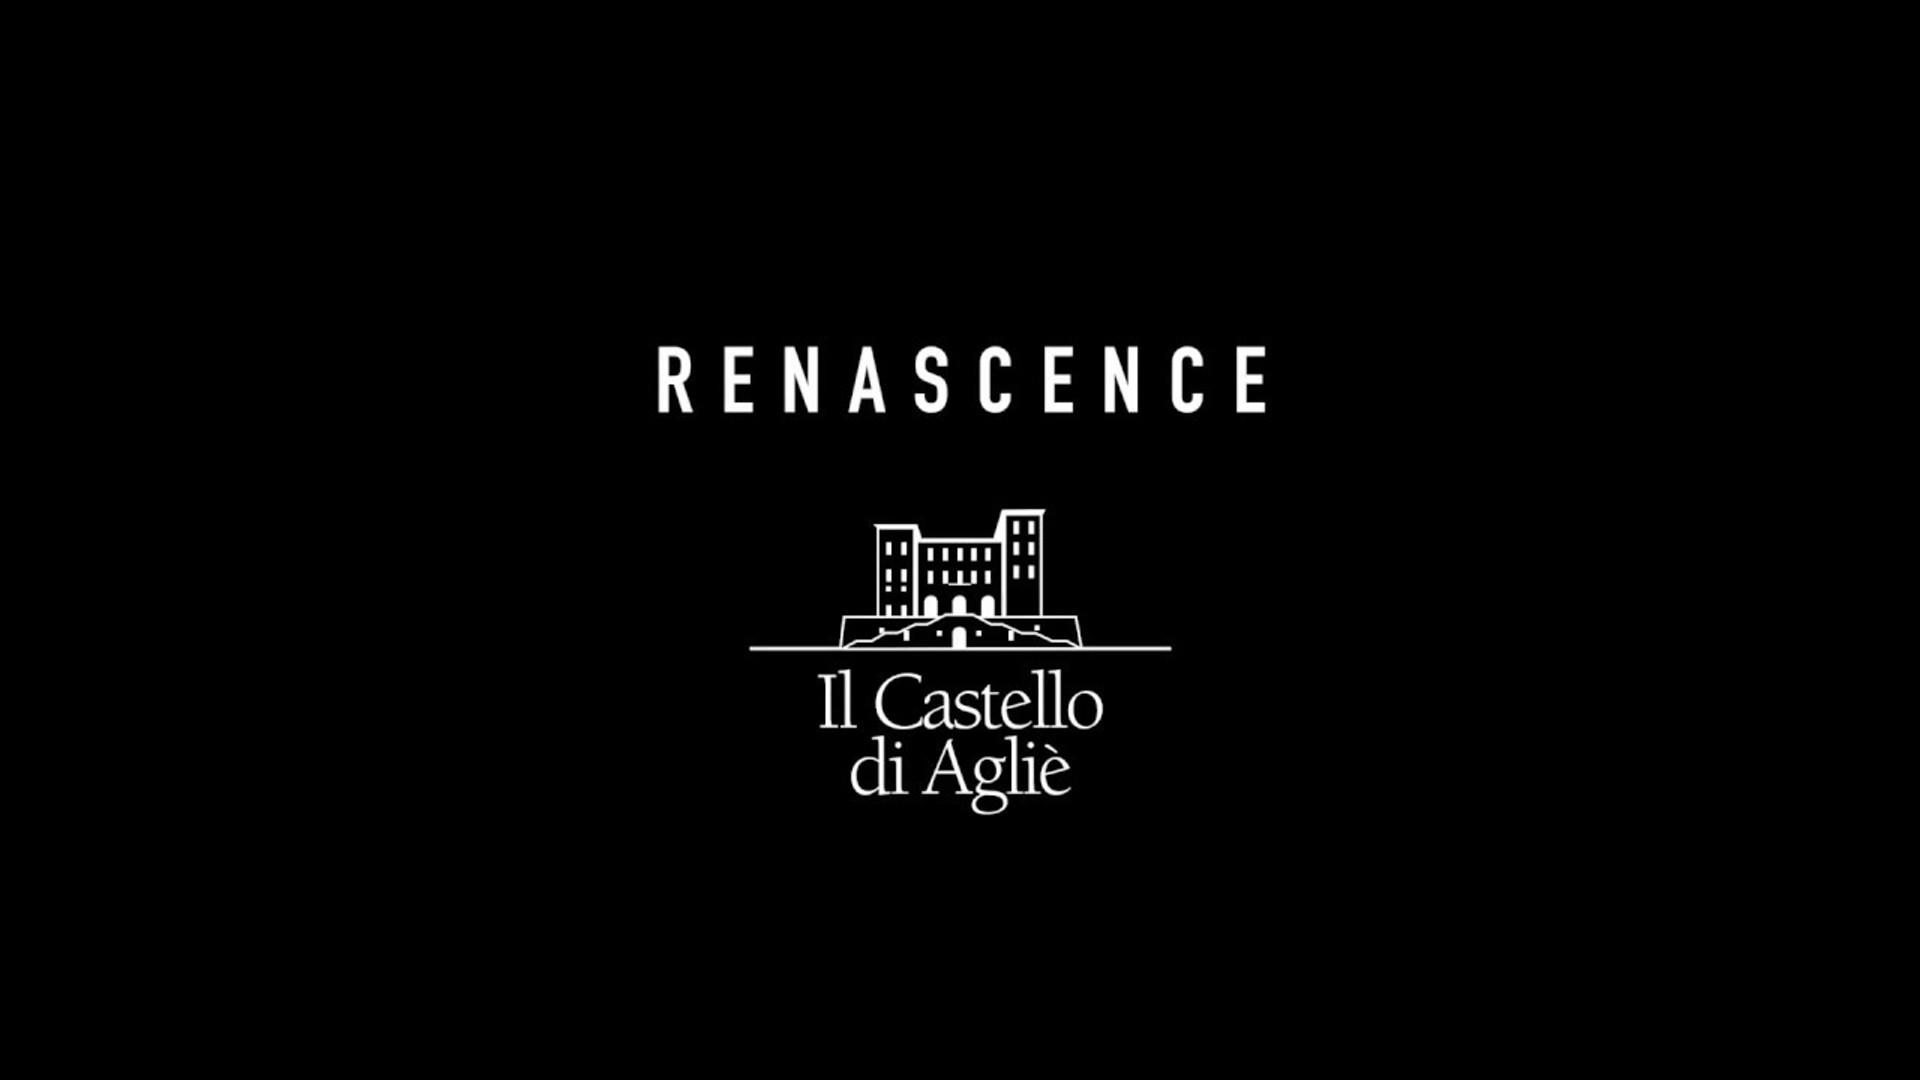 Rilievo multidisciplinare parco Castello di Agliè (TO)